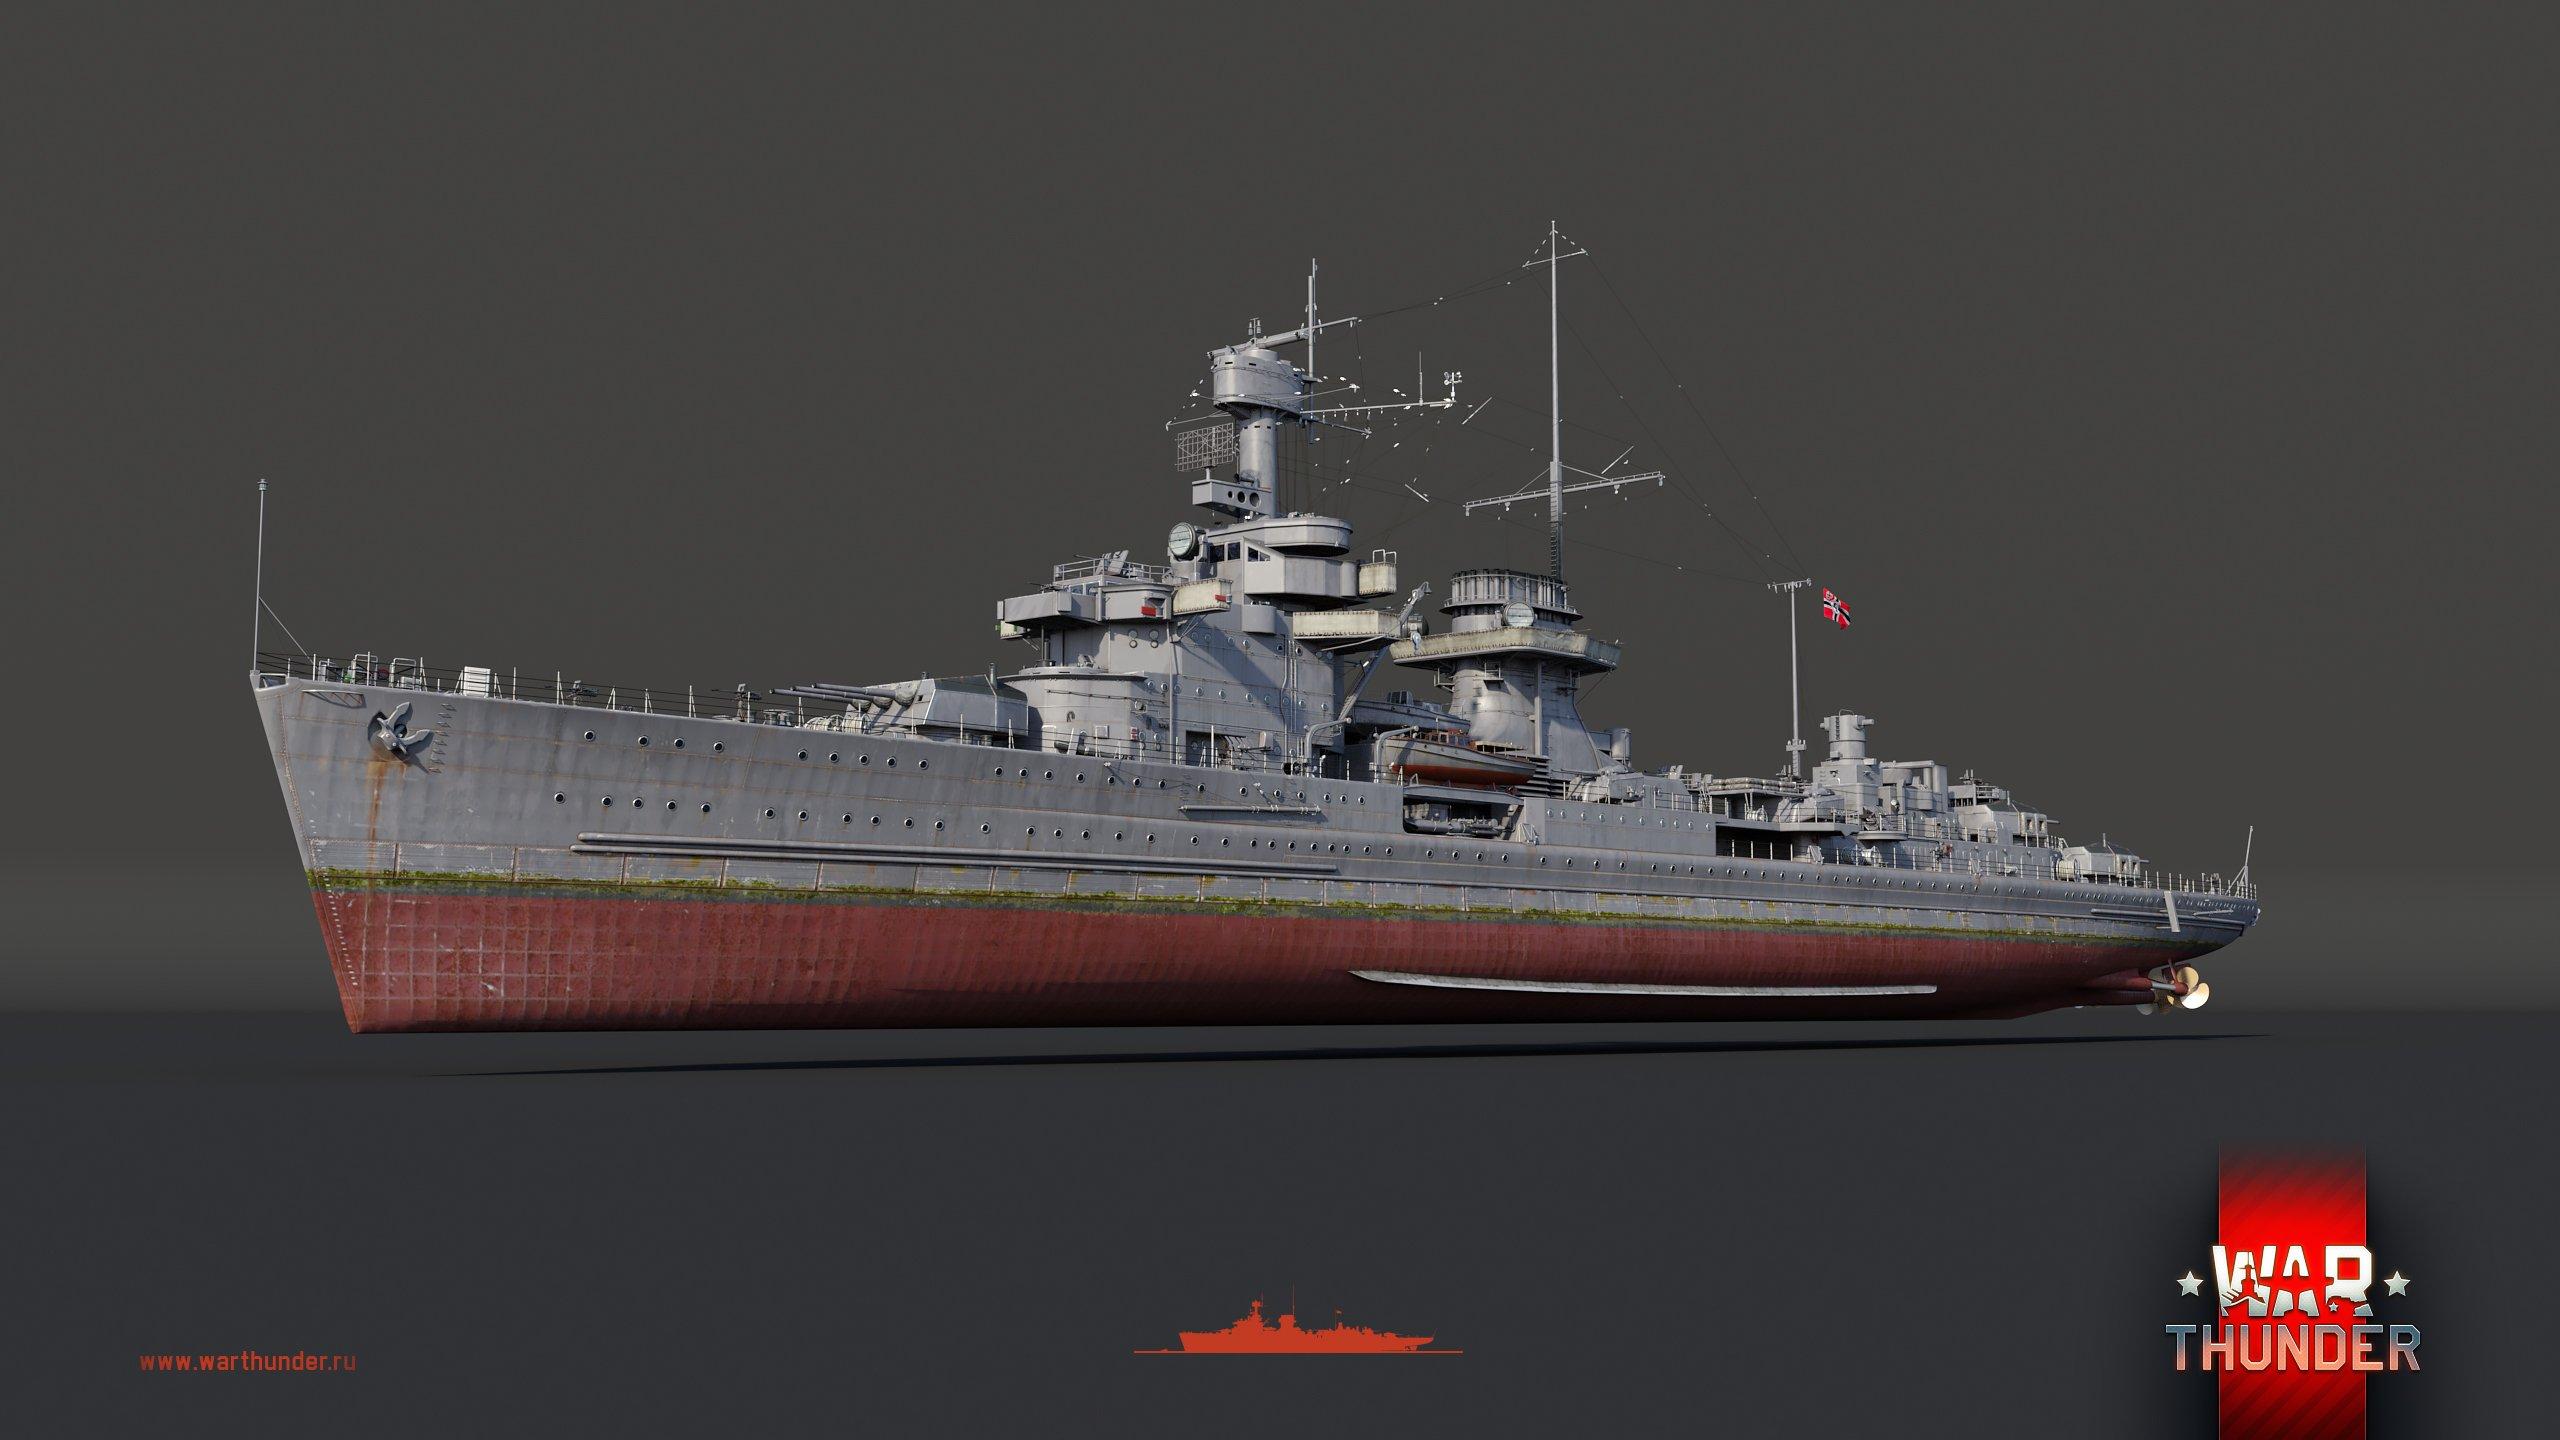 cruiser_nurnberg_2560x1440_logo_ru_127c2